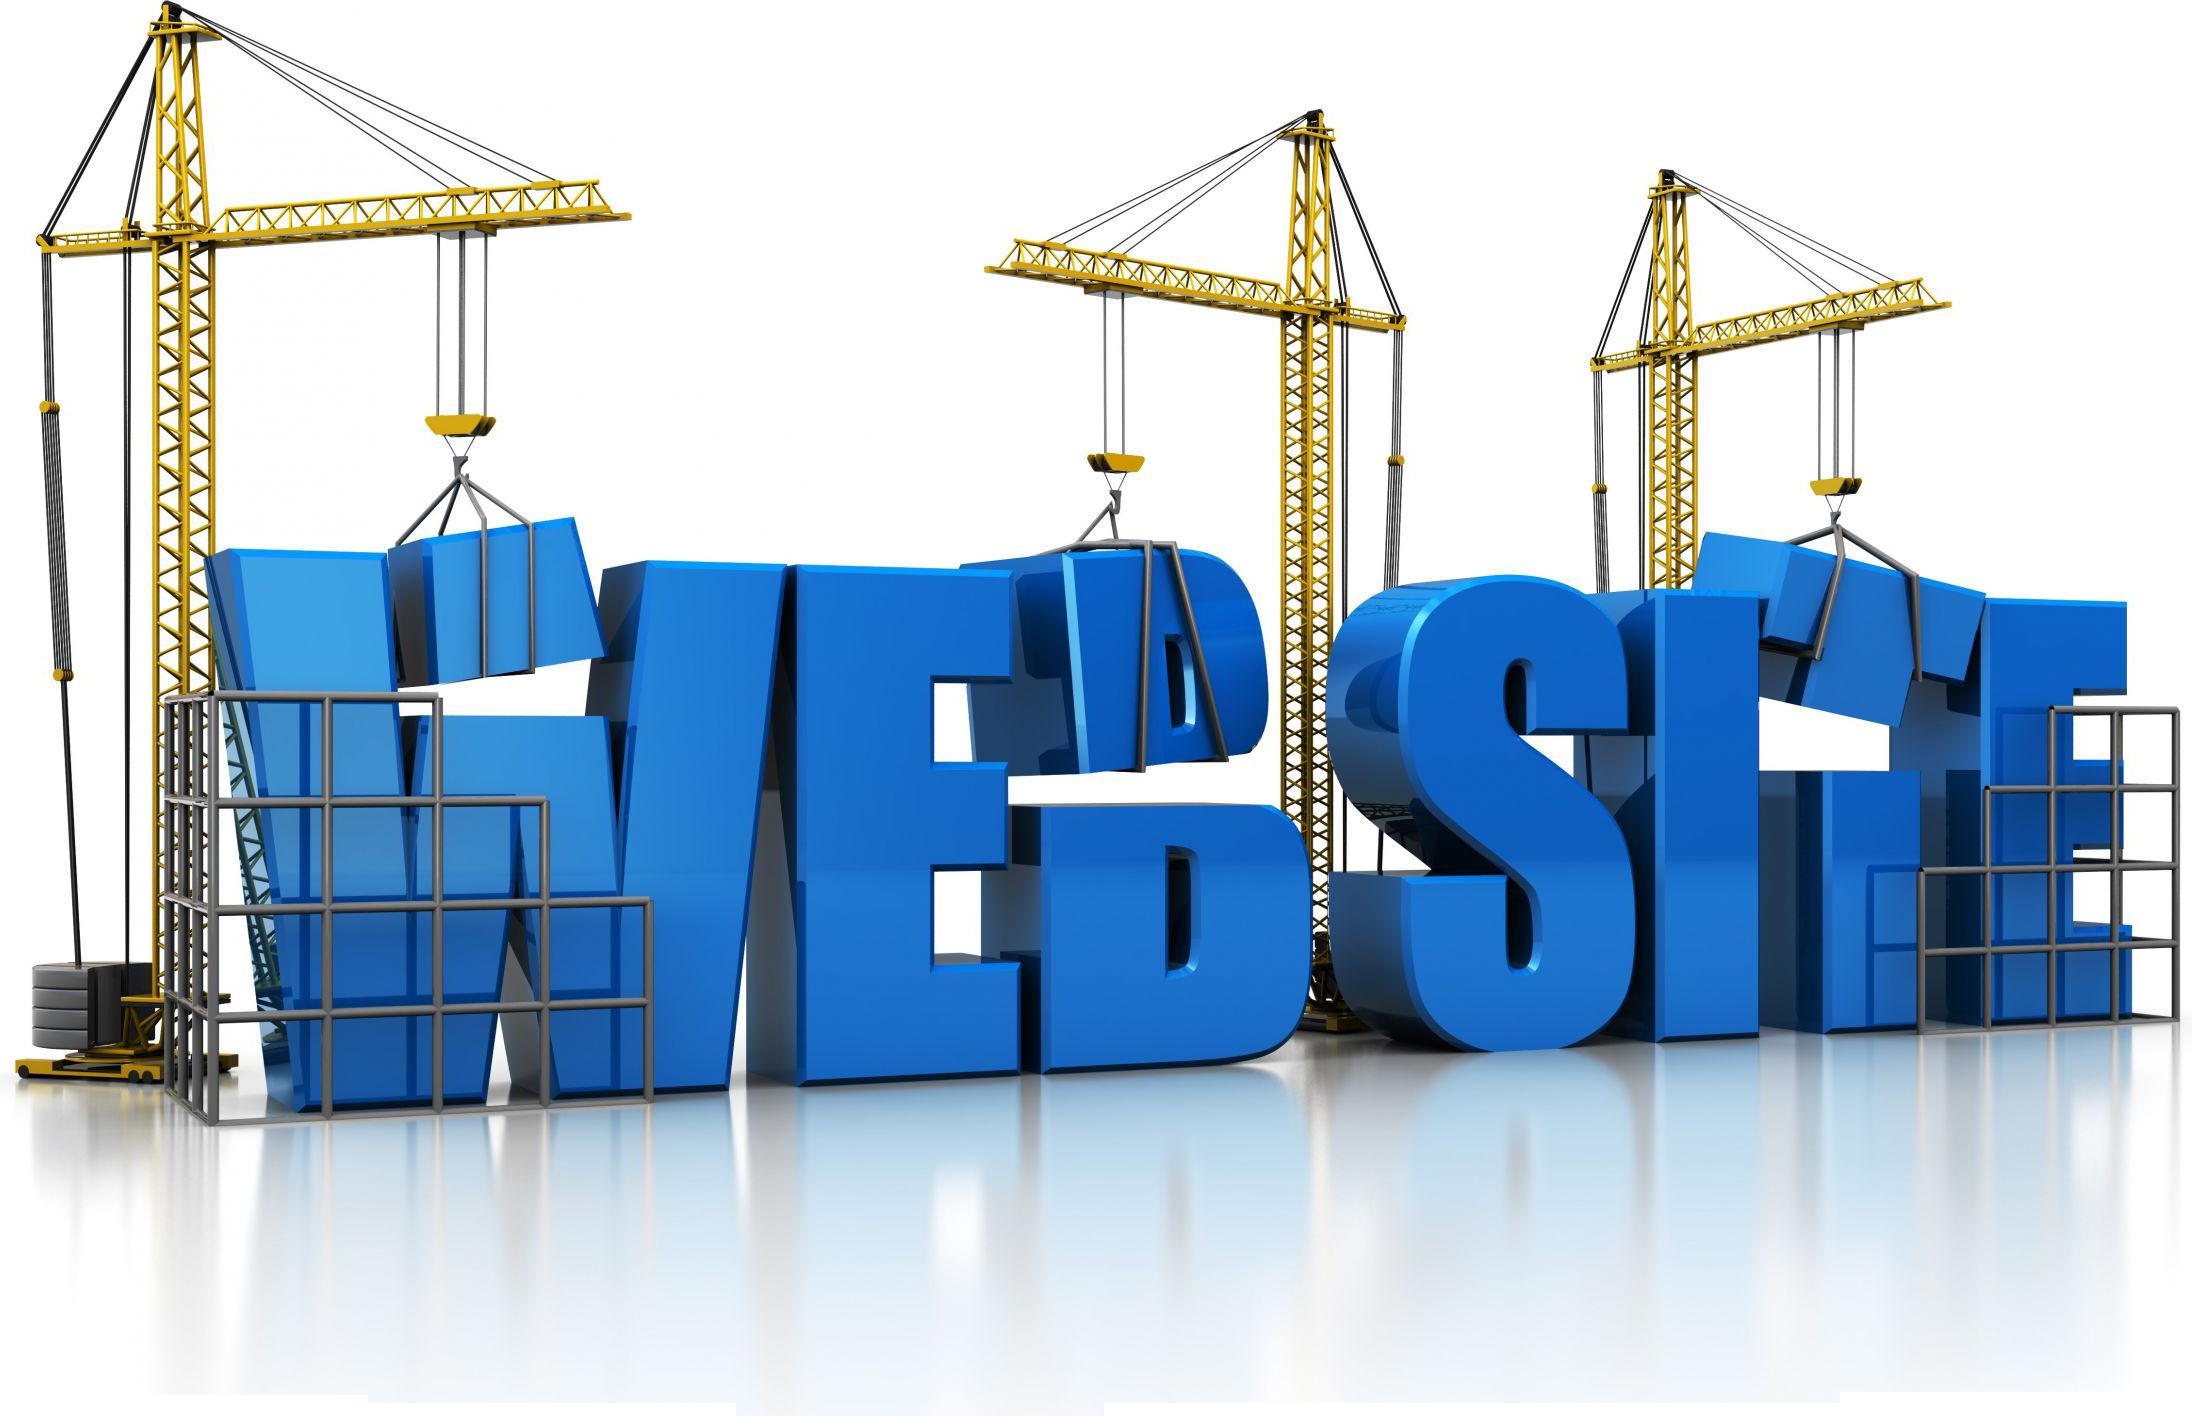 comment cr er un site internet gratuitement. Black Bedroom Furniture Sets. Home Design Ideas